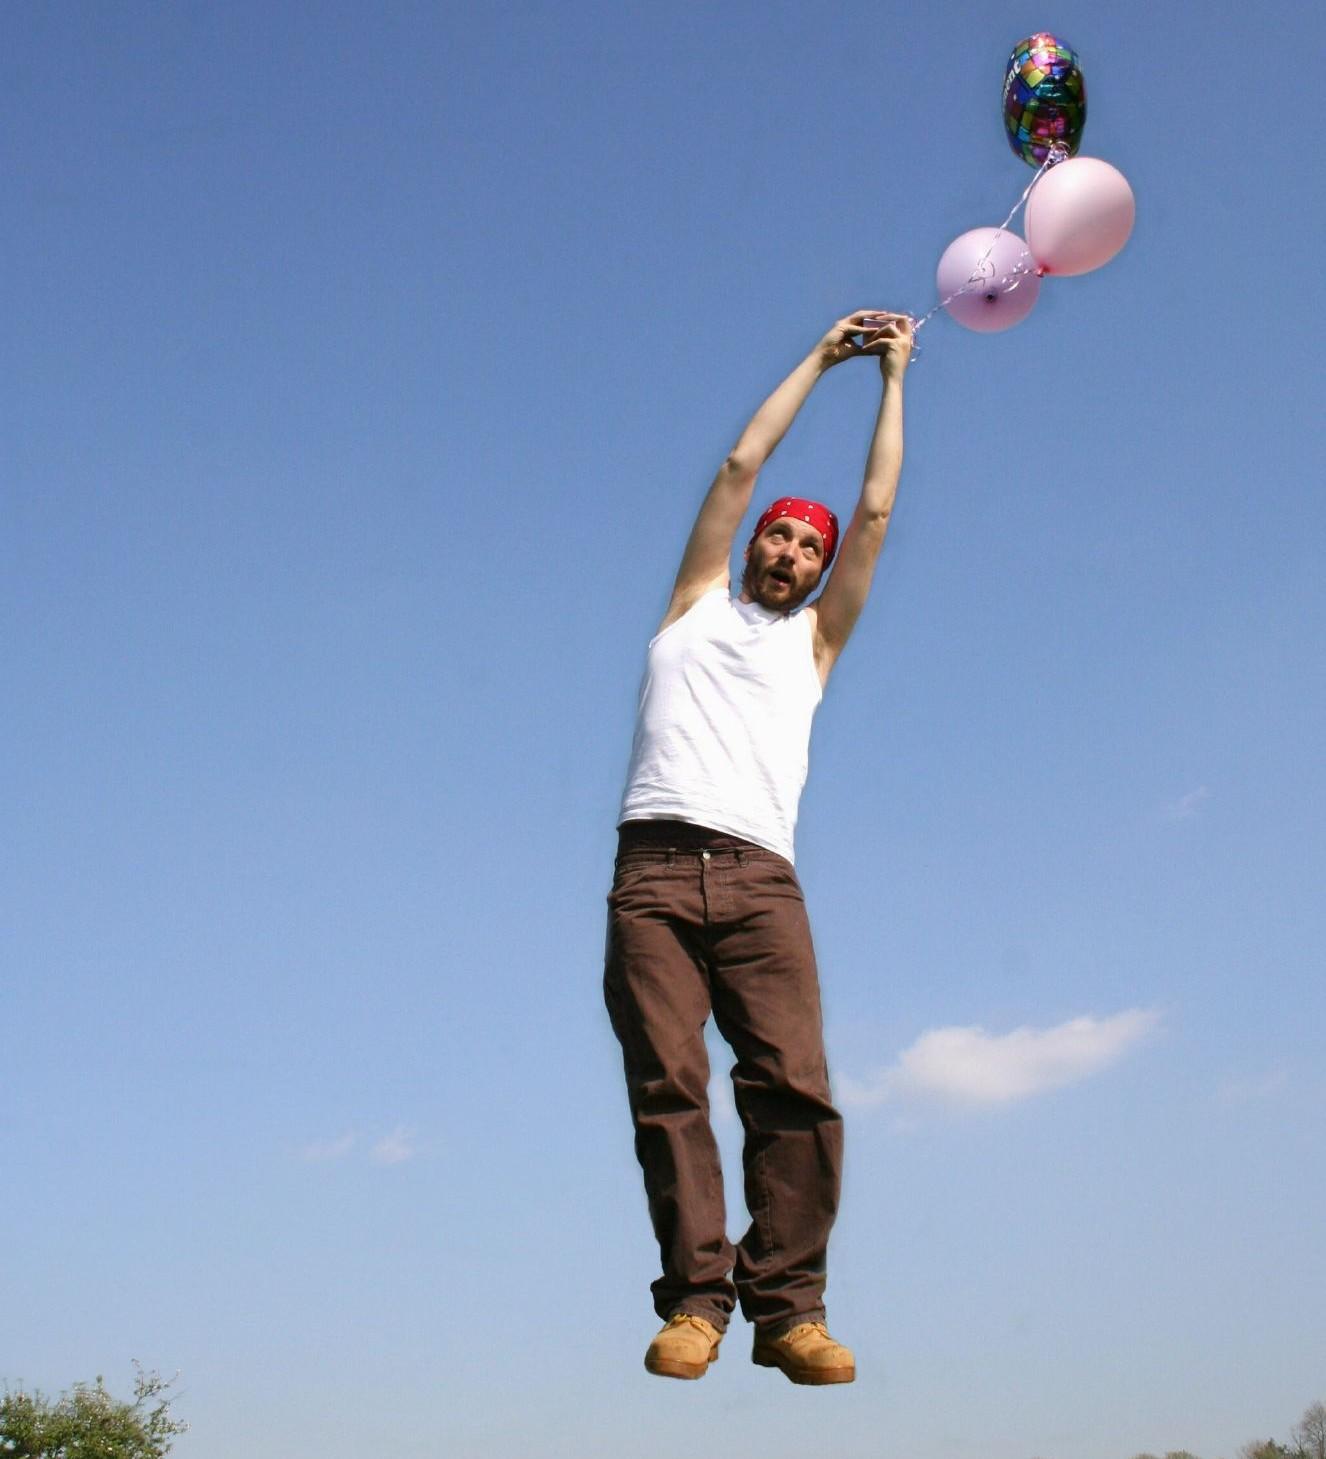 Balloons: practicalowl via photopin cc